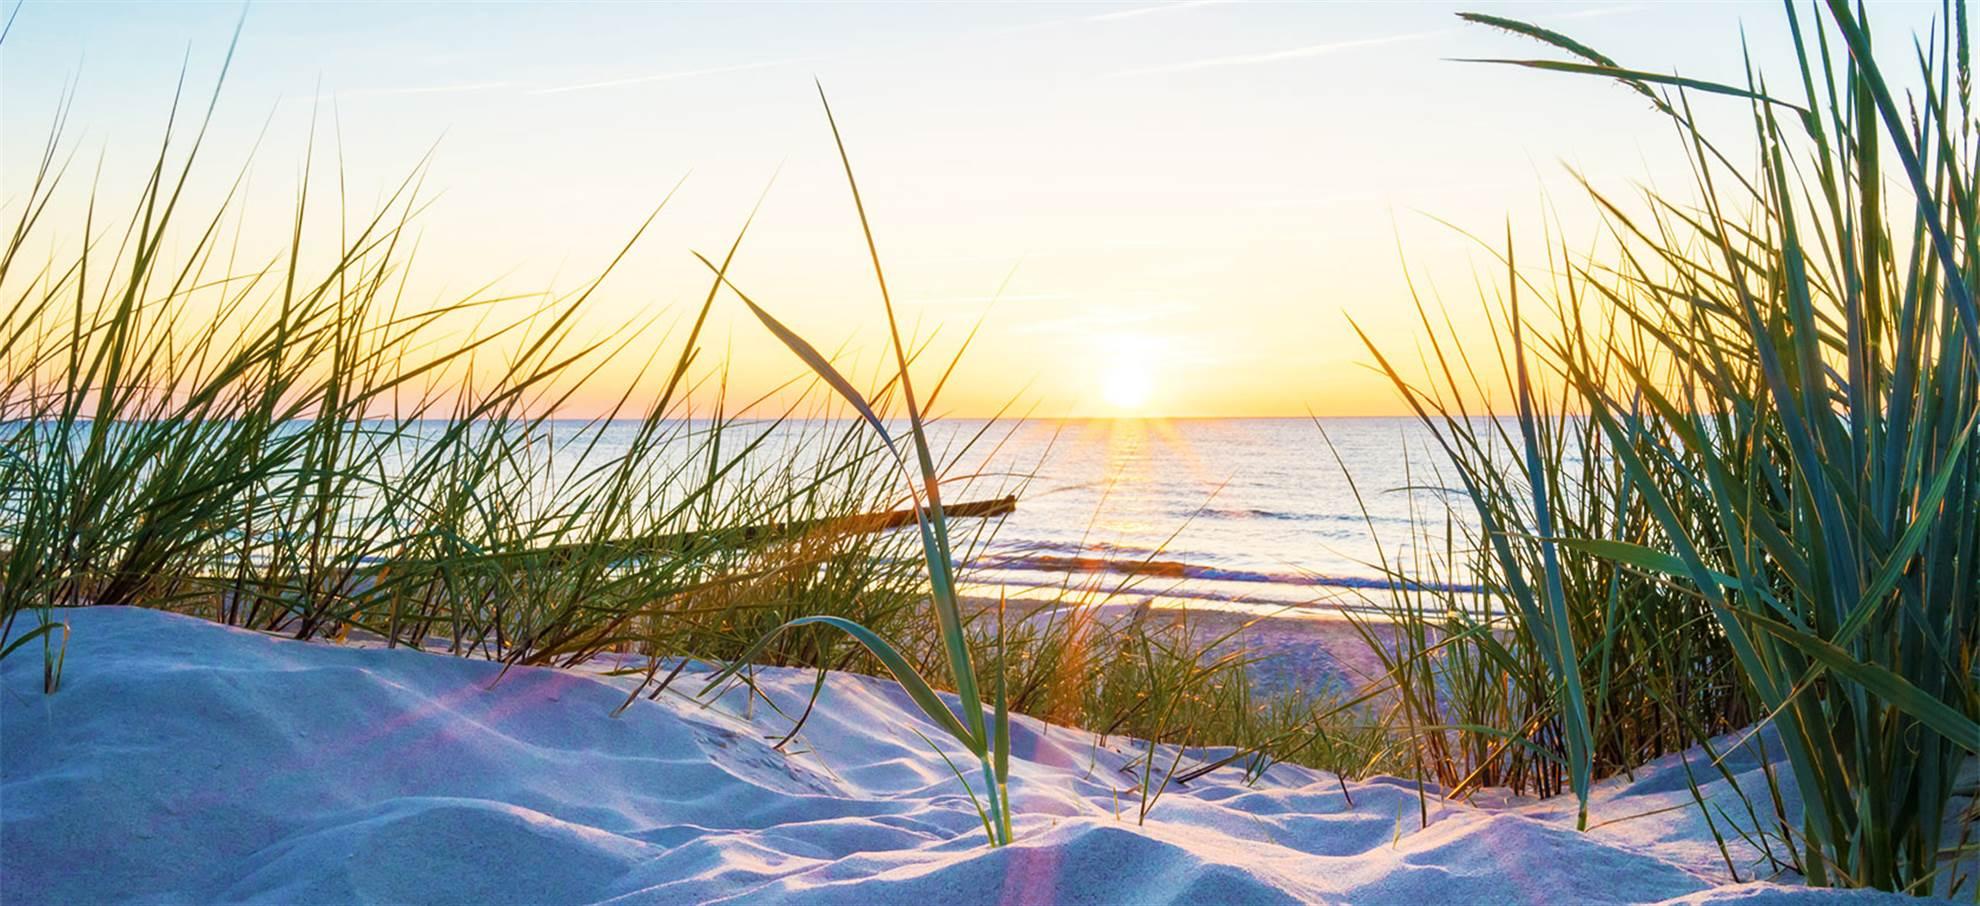 Excursão praia e dunas: conheça o país que fica abaixo do nível do mar!